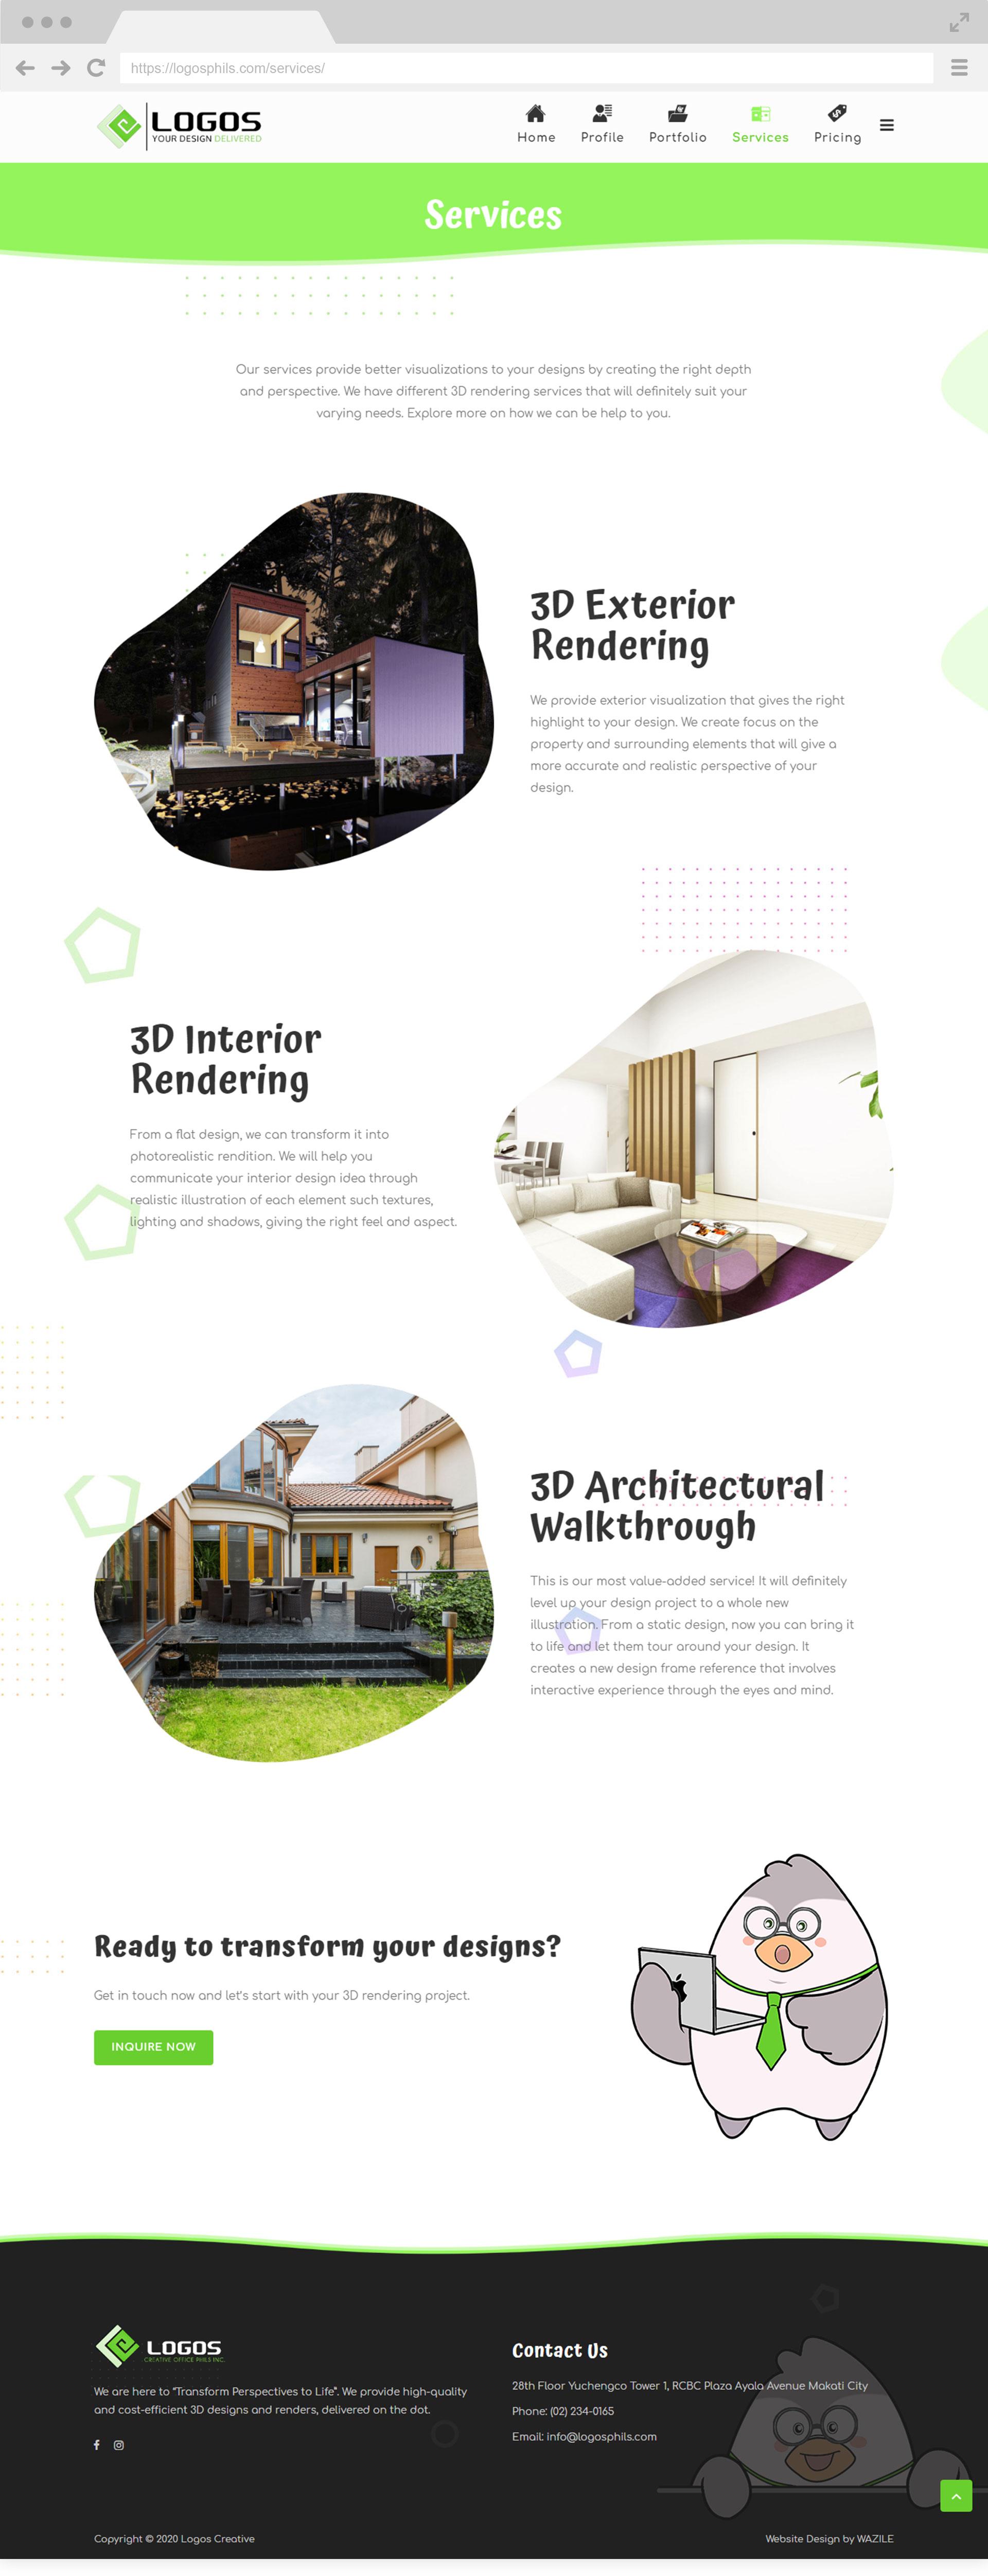 Logos Creative Services